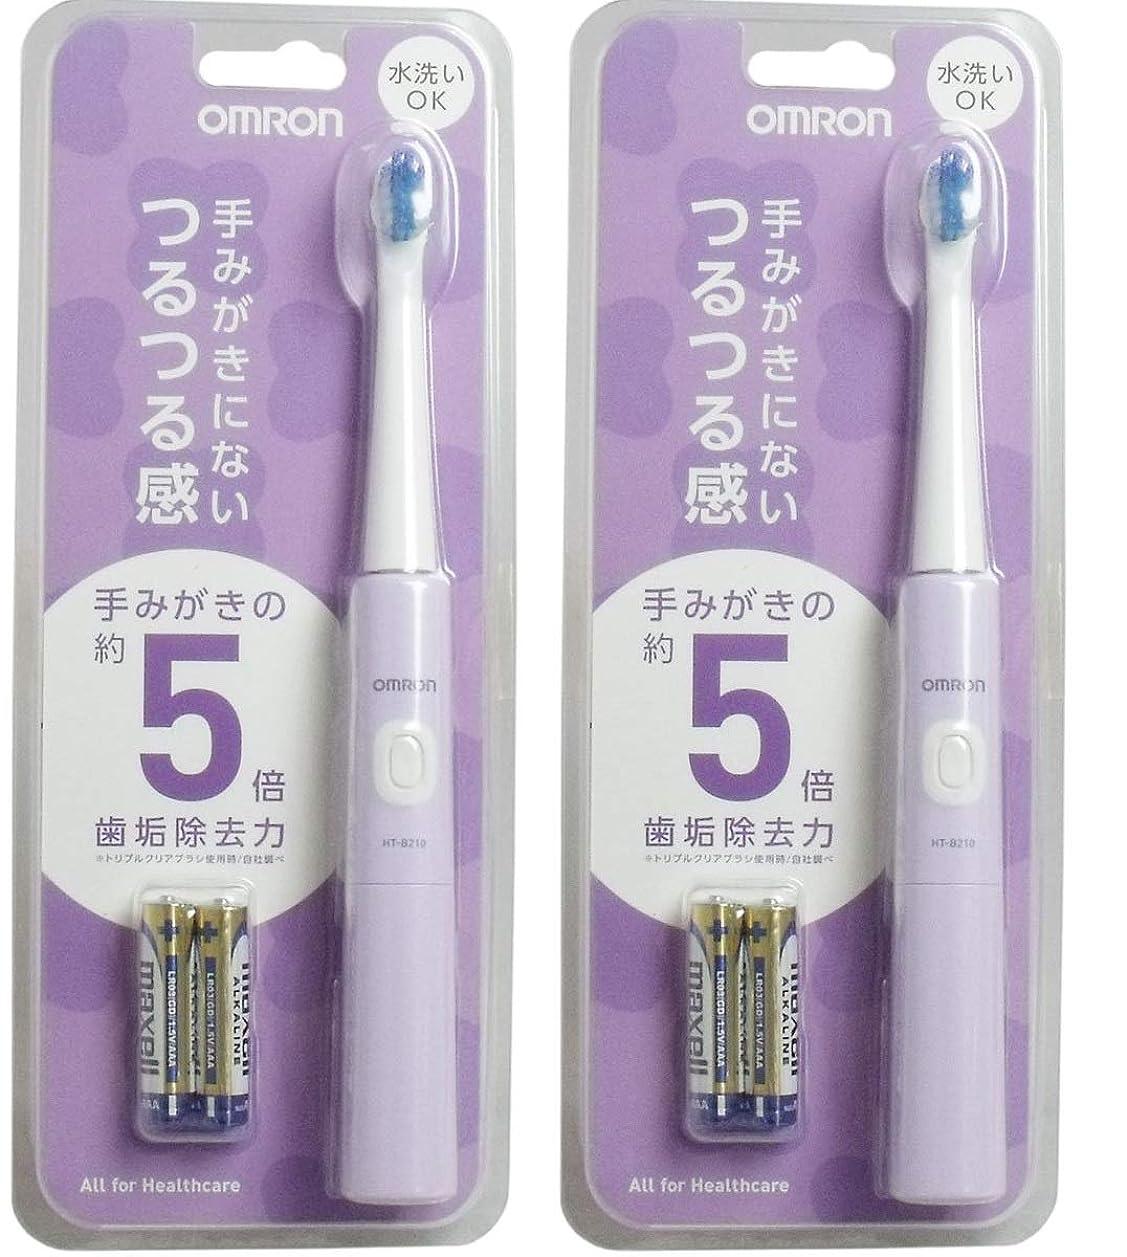 失望させるプーノ好む【2個セット】オムロンヘルスケア 音波式電動歯ブラシ パープル HT-B210-V